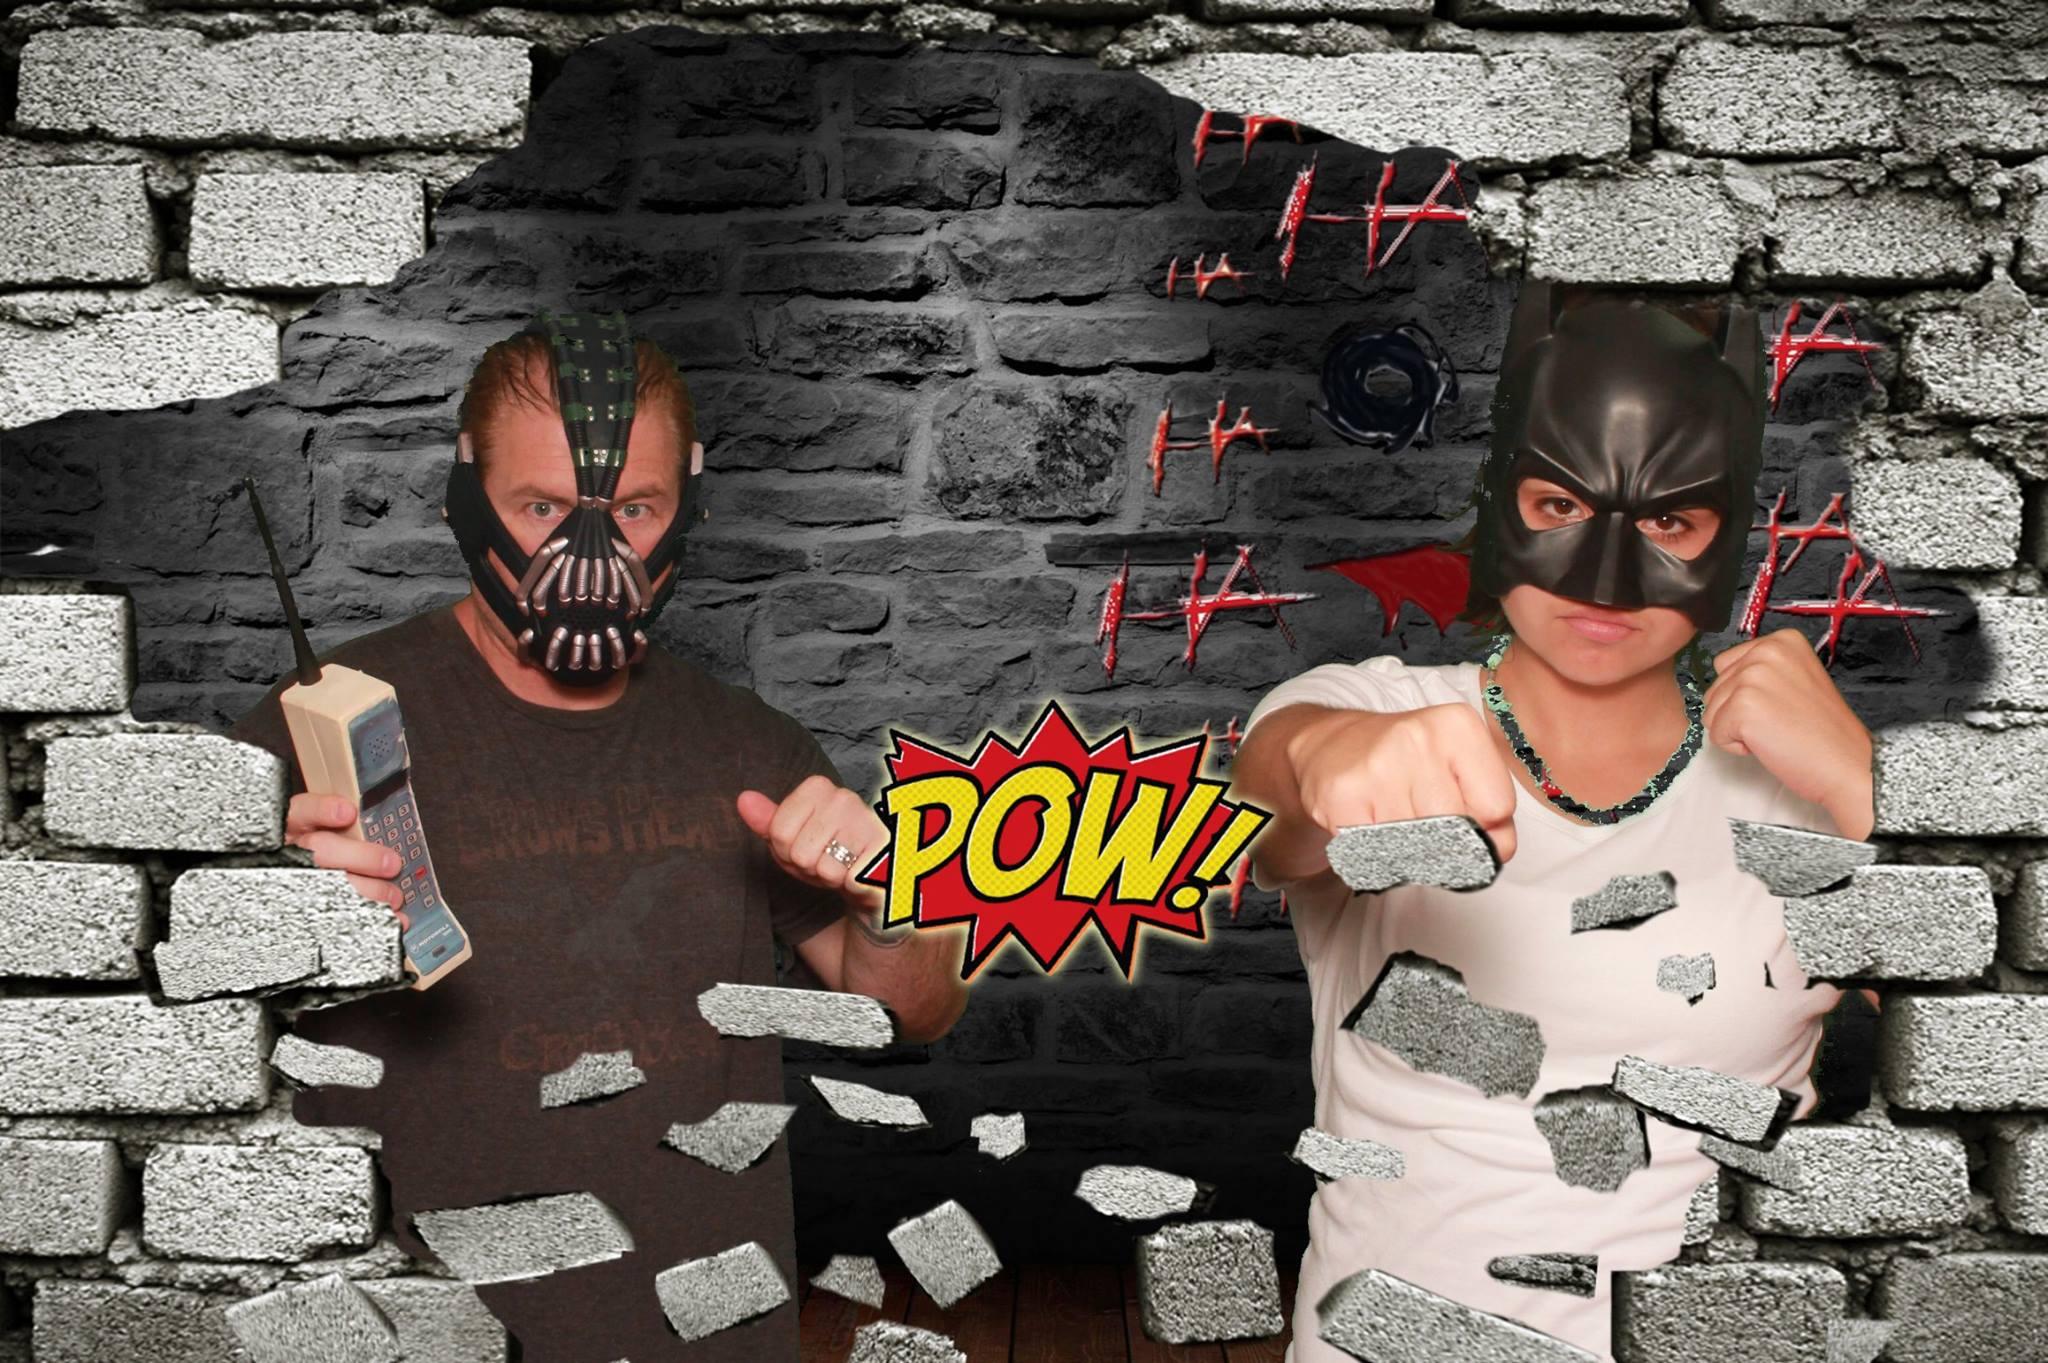 Super heros and Villans unite!